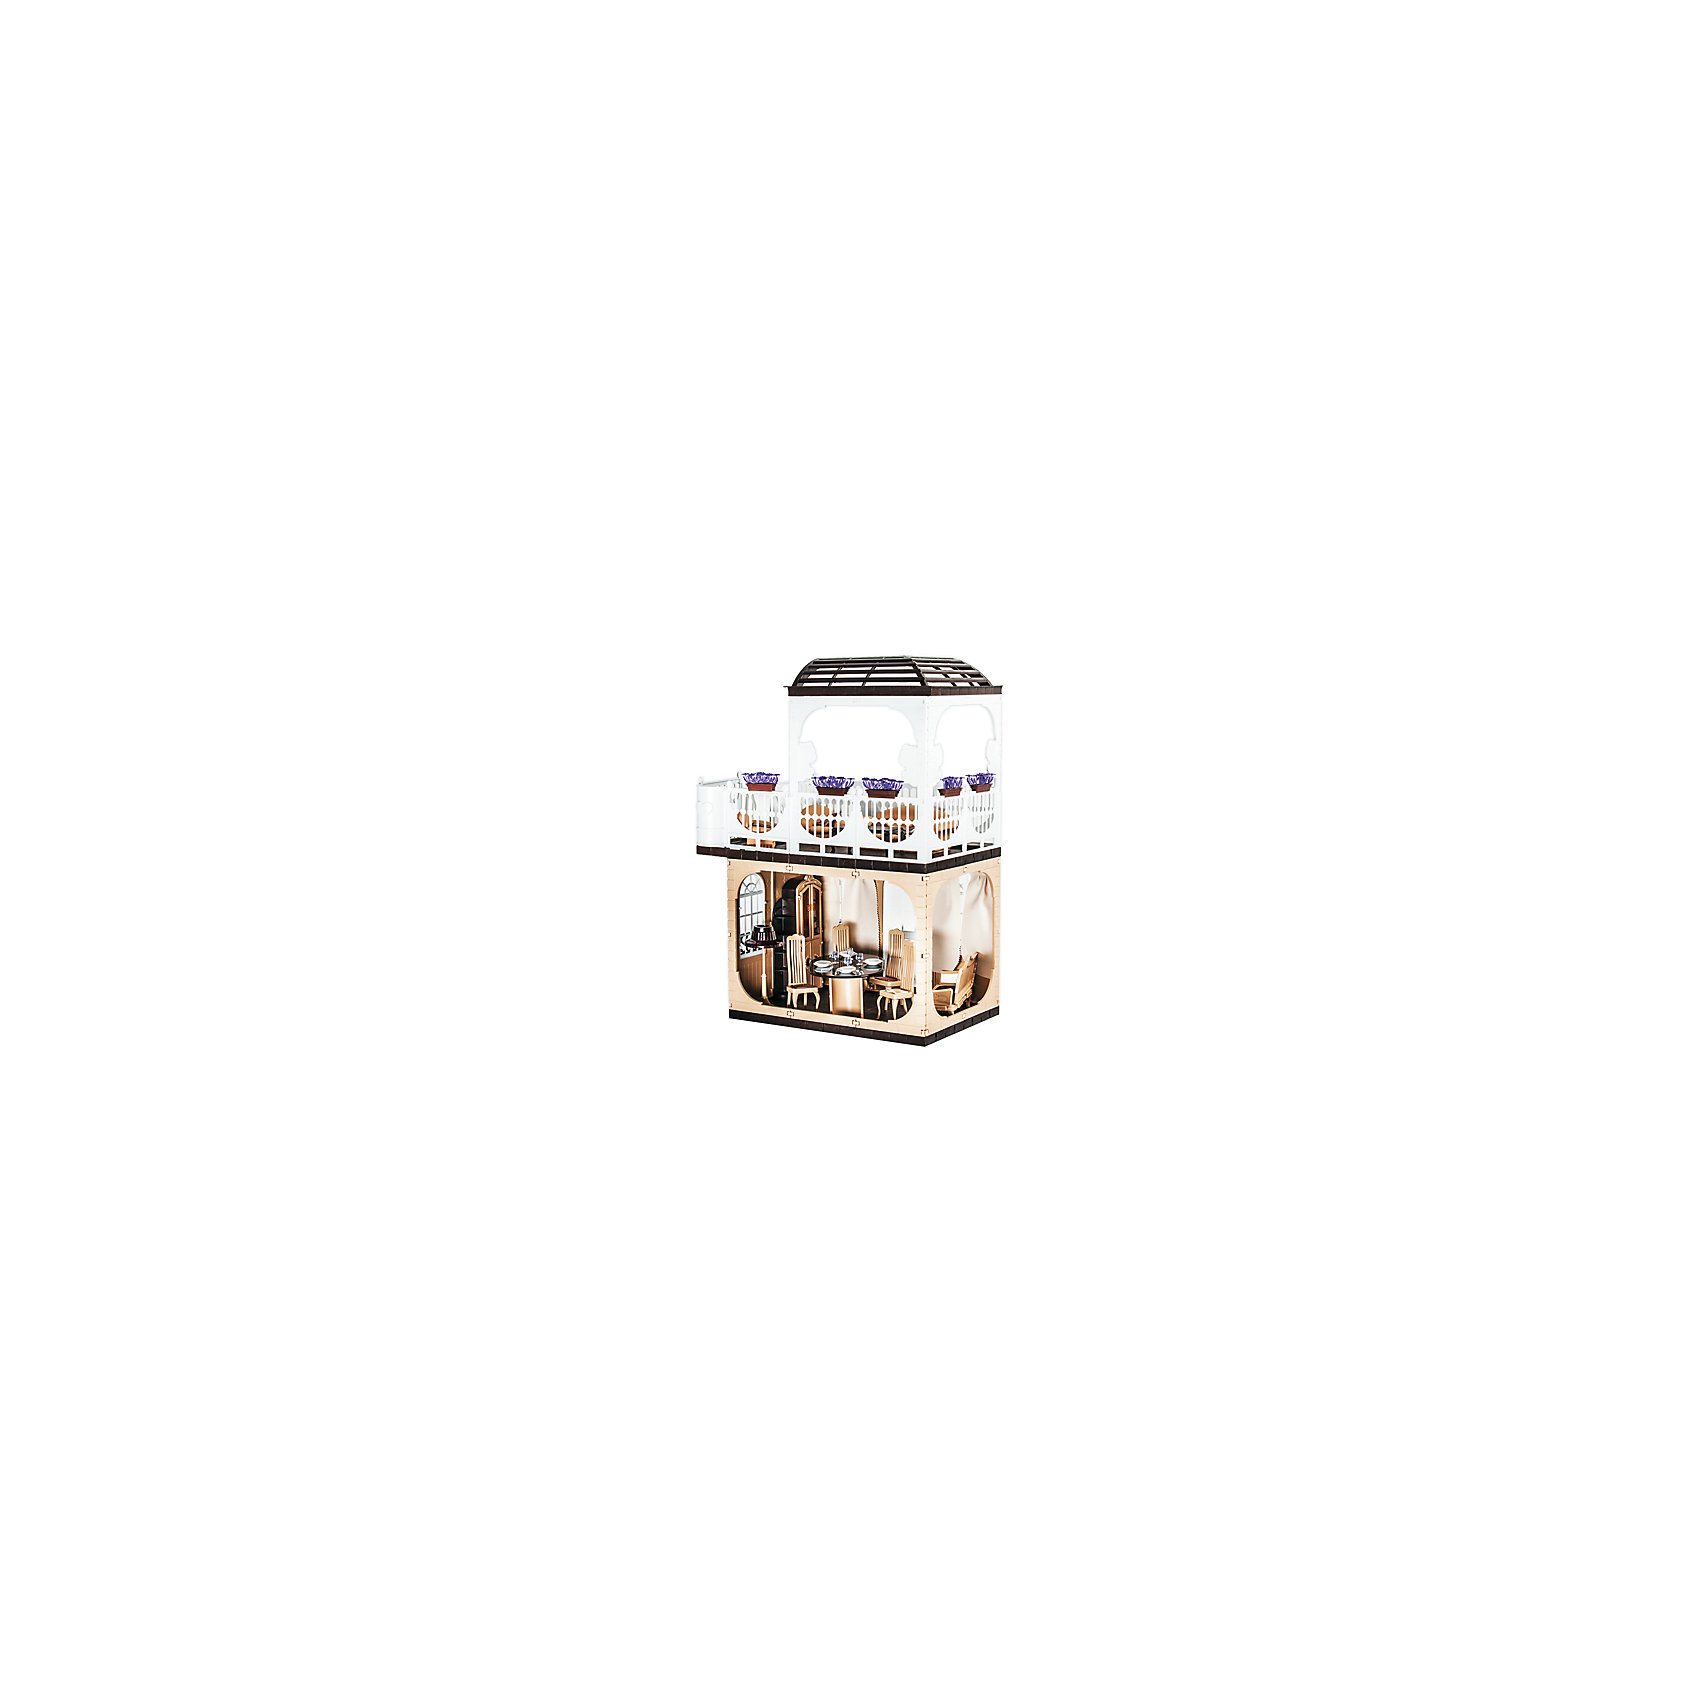 Дом Коллекция, без мебели, ОгонекДомики и мебель<br>Характеристики товара:<br><br>• возраст: от 3 лет;<br>• материал: пластик;<br>• в комплекте: дом, горшки с цветами;<br>• подходит для кукол высотой до 30 см;<br>• размер домика: 120х82х33 см;<br>• размер упаковки: 35х23х15 см;<br>• вес упаковки: 5 кг;<br>• страна производитель: Россия.<br><br>Дом «Коллекция» Огонек без мебели — настоящий домик для любимой куколки девочки. Дом подойдет для кукол до 30 см. Дом состоит из двух этажей. На первом этаже комната, а на втором открытая терраса с куполом для летнего отдыха. Терраса окружена ажурными ограждениями. Дом изготовлен из качественного прочного пластика.<br><br>Дом «Коллекция» Огонек без мебели можно приобрести в нашем интернет-магазине.<br><br>Ширина мм: 235<br>Глубина мм: 150<br>Высота мм: 350<br>Вес г: 5000<br>Возраст от месяцев: 36<br>Возраст до месяцев: 2147483647<br>Пол: Женский<br>Возраст: Детский<br>SKU: 4575881